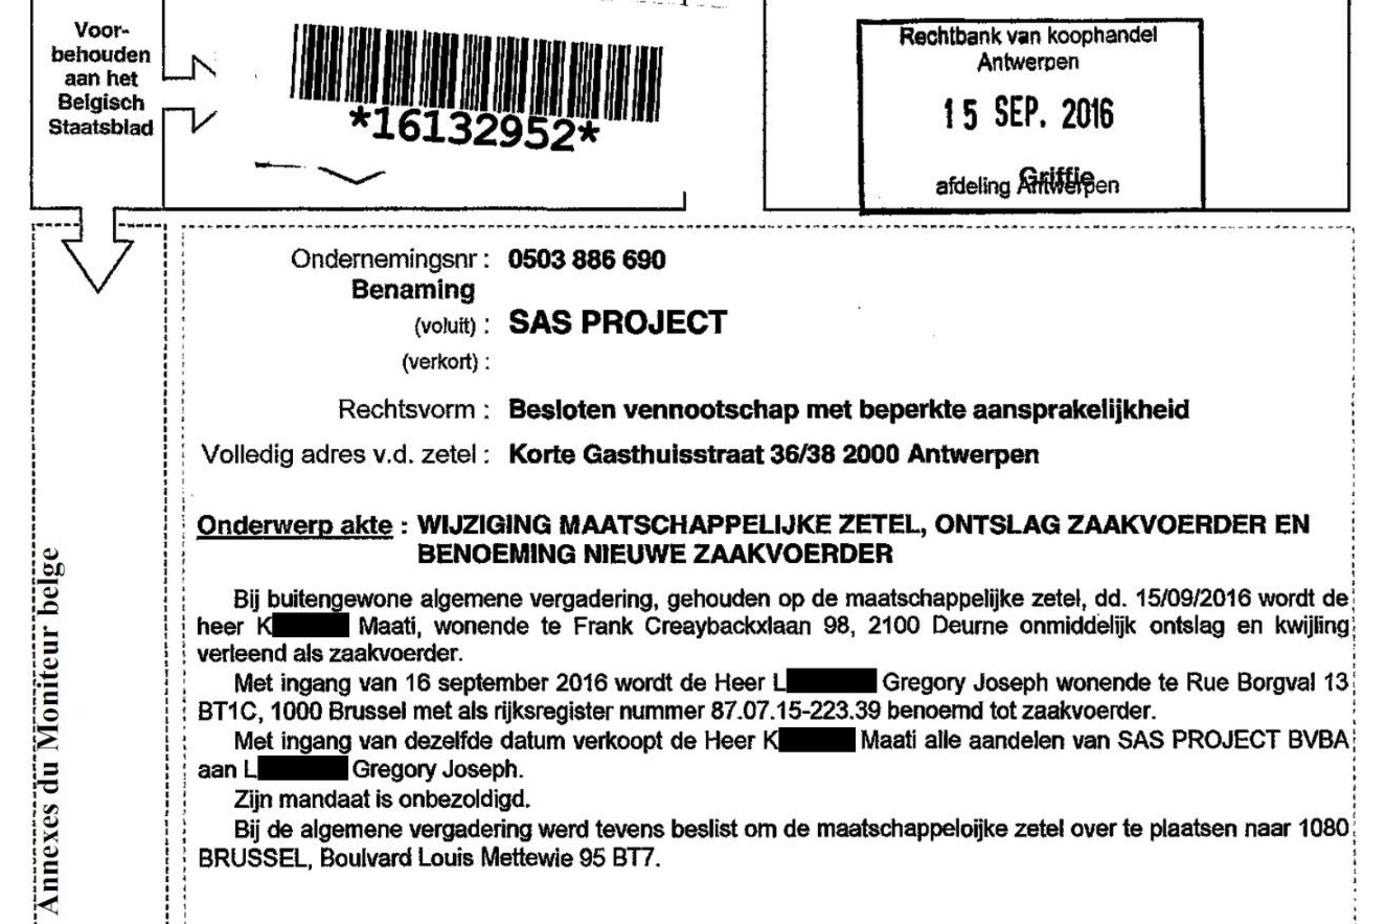 Passation de pouvoir chez S.A.S. Project : le 16 septembre 2016, Maati K. (Anvers) revend ses parts à Grégory L. (Bruxelles)., .